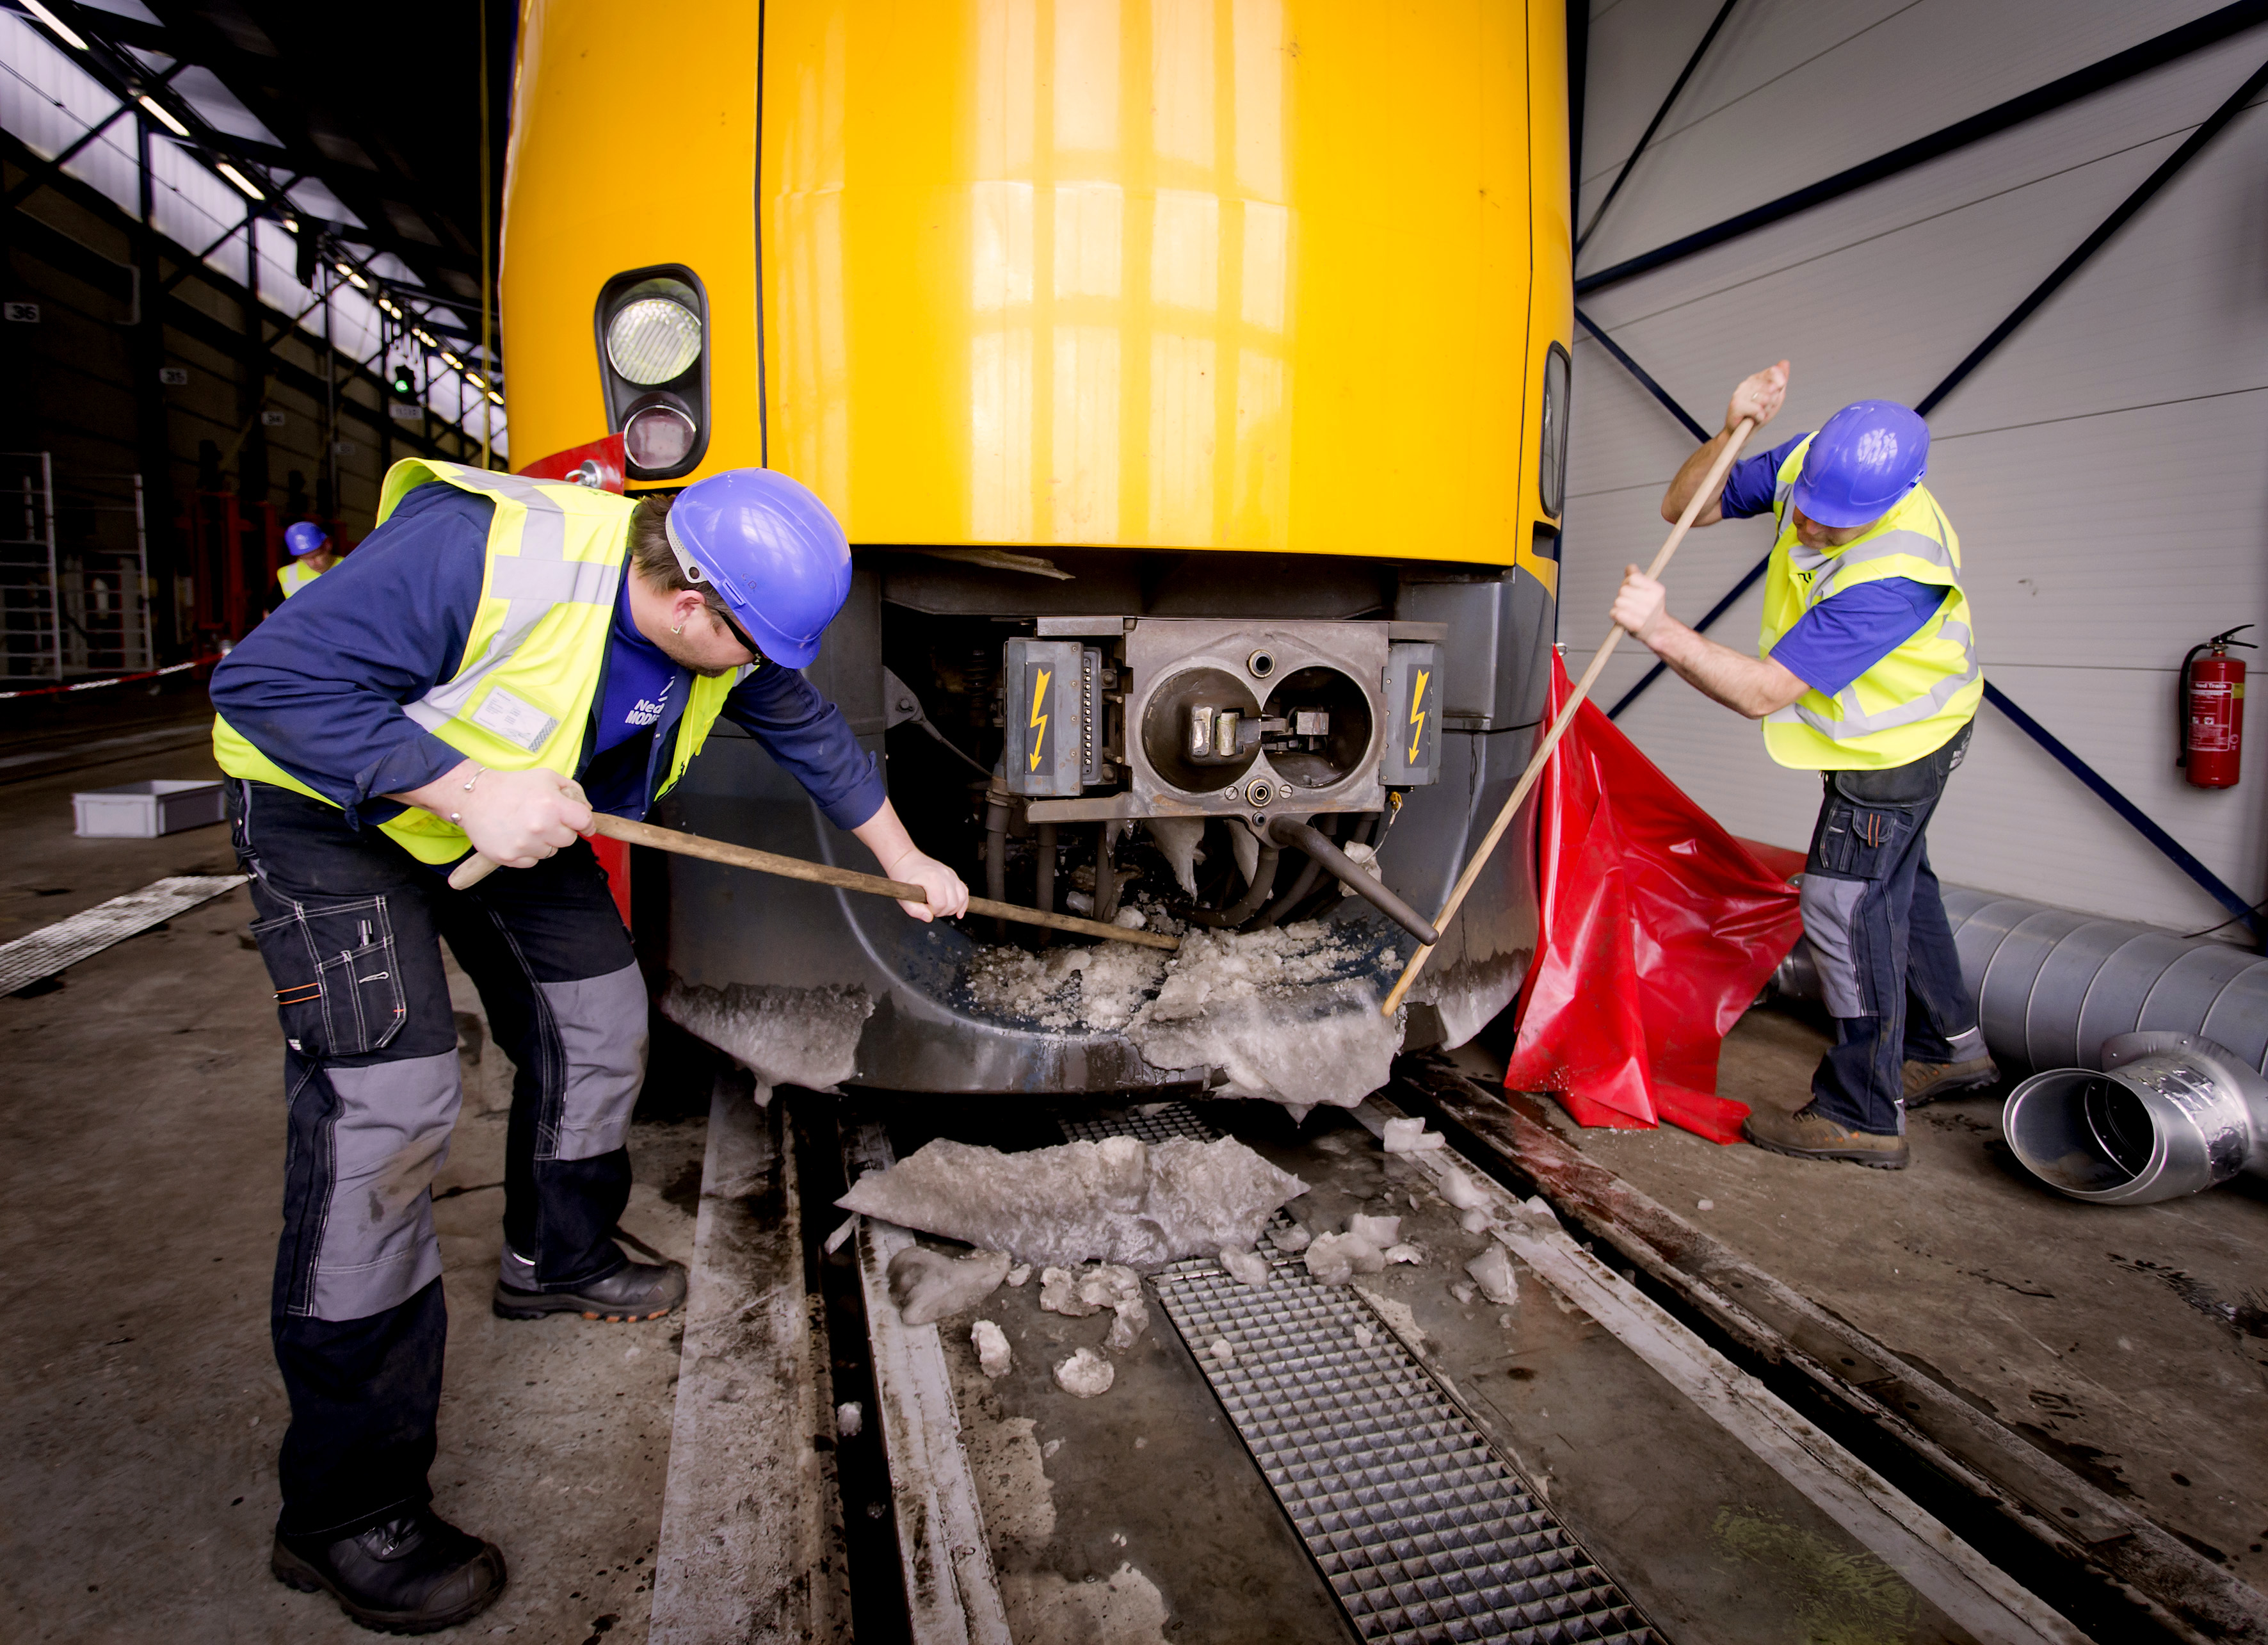 Om tijdens de periode van vrieskou schade aan treinen en wissels te voorkomen, gaan medewerkers van NS-dochter NedTrain aan de slag met het de-icen van de treinstellen.